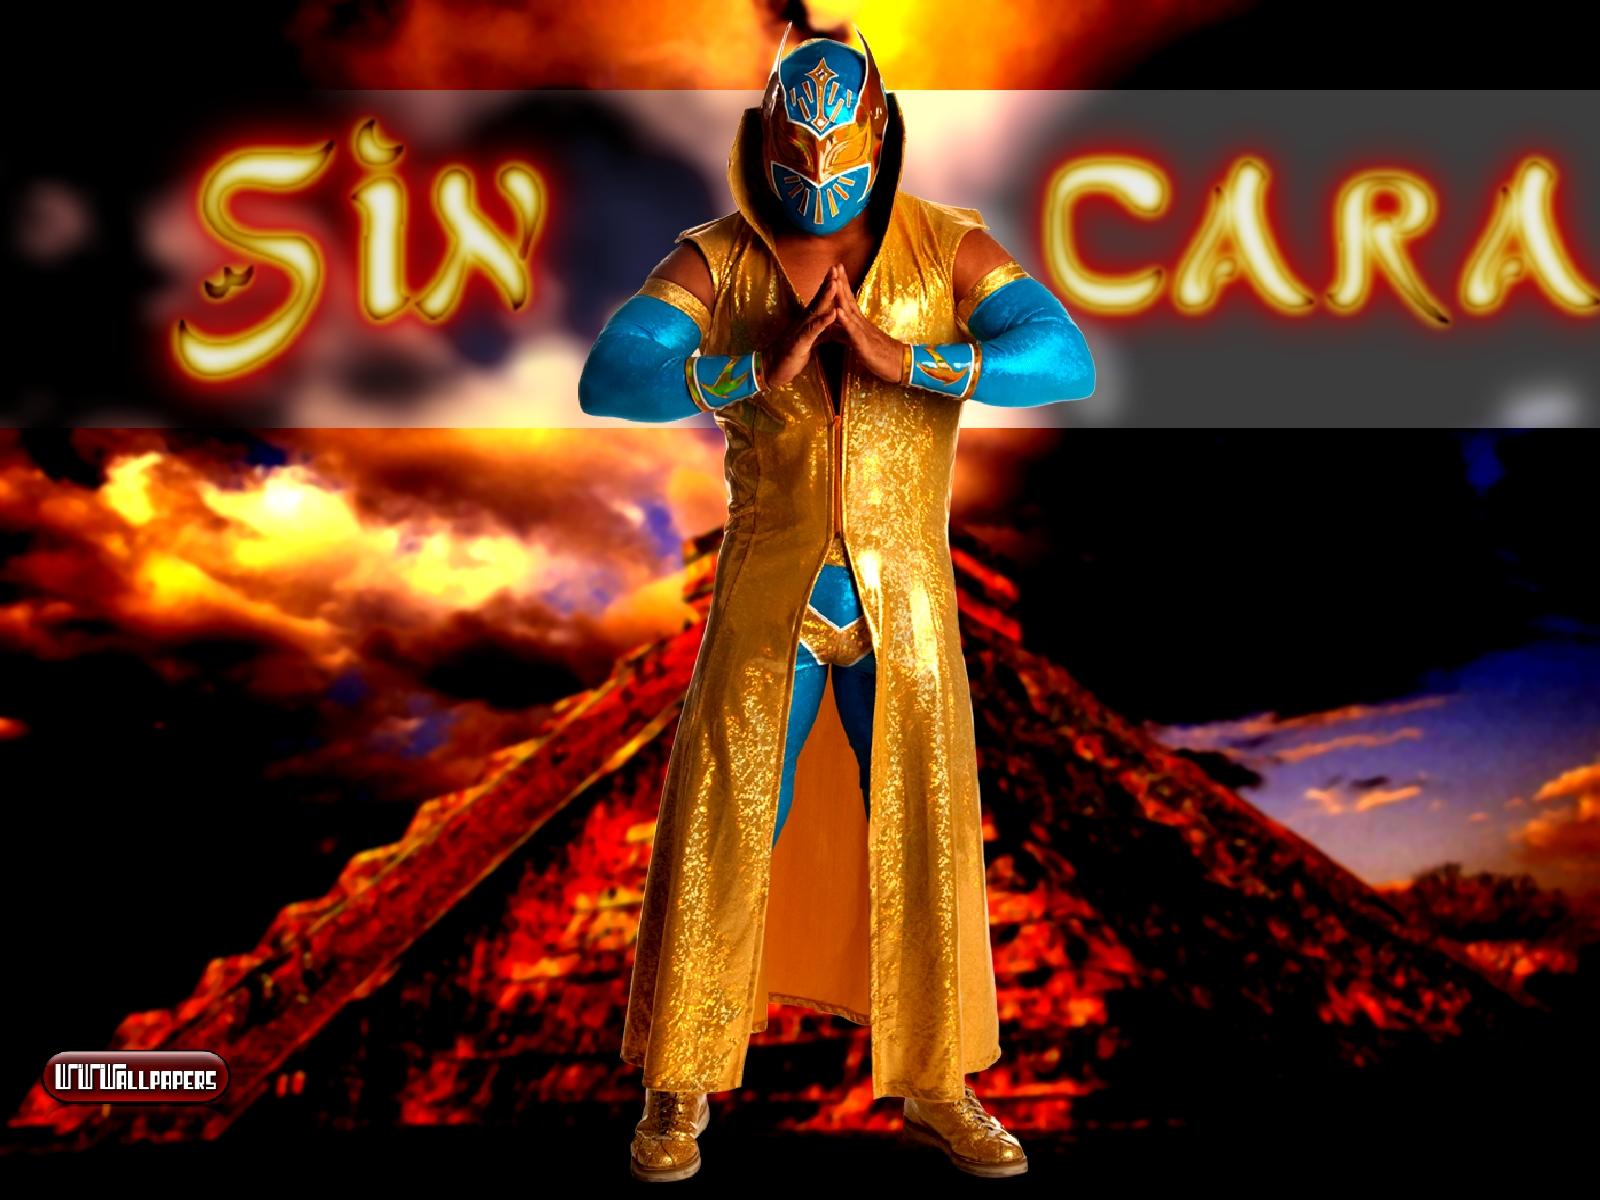 http://3.bp.blogspot.com/-FG-9Arc-eek/Tn5KinafoUI/AAAAAAAAABI/3jIB2LXisQQ/s1600/Sin+Cara+Wallpaper.jpg